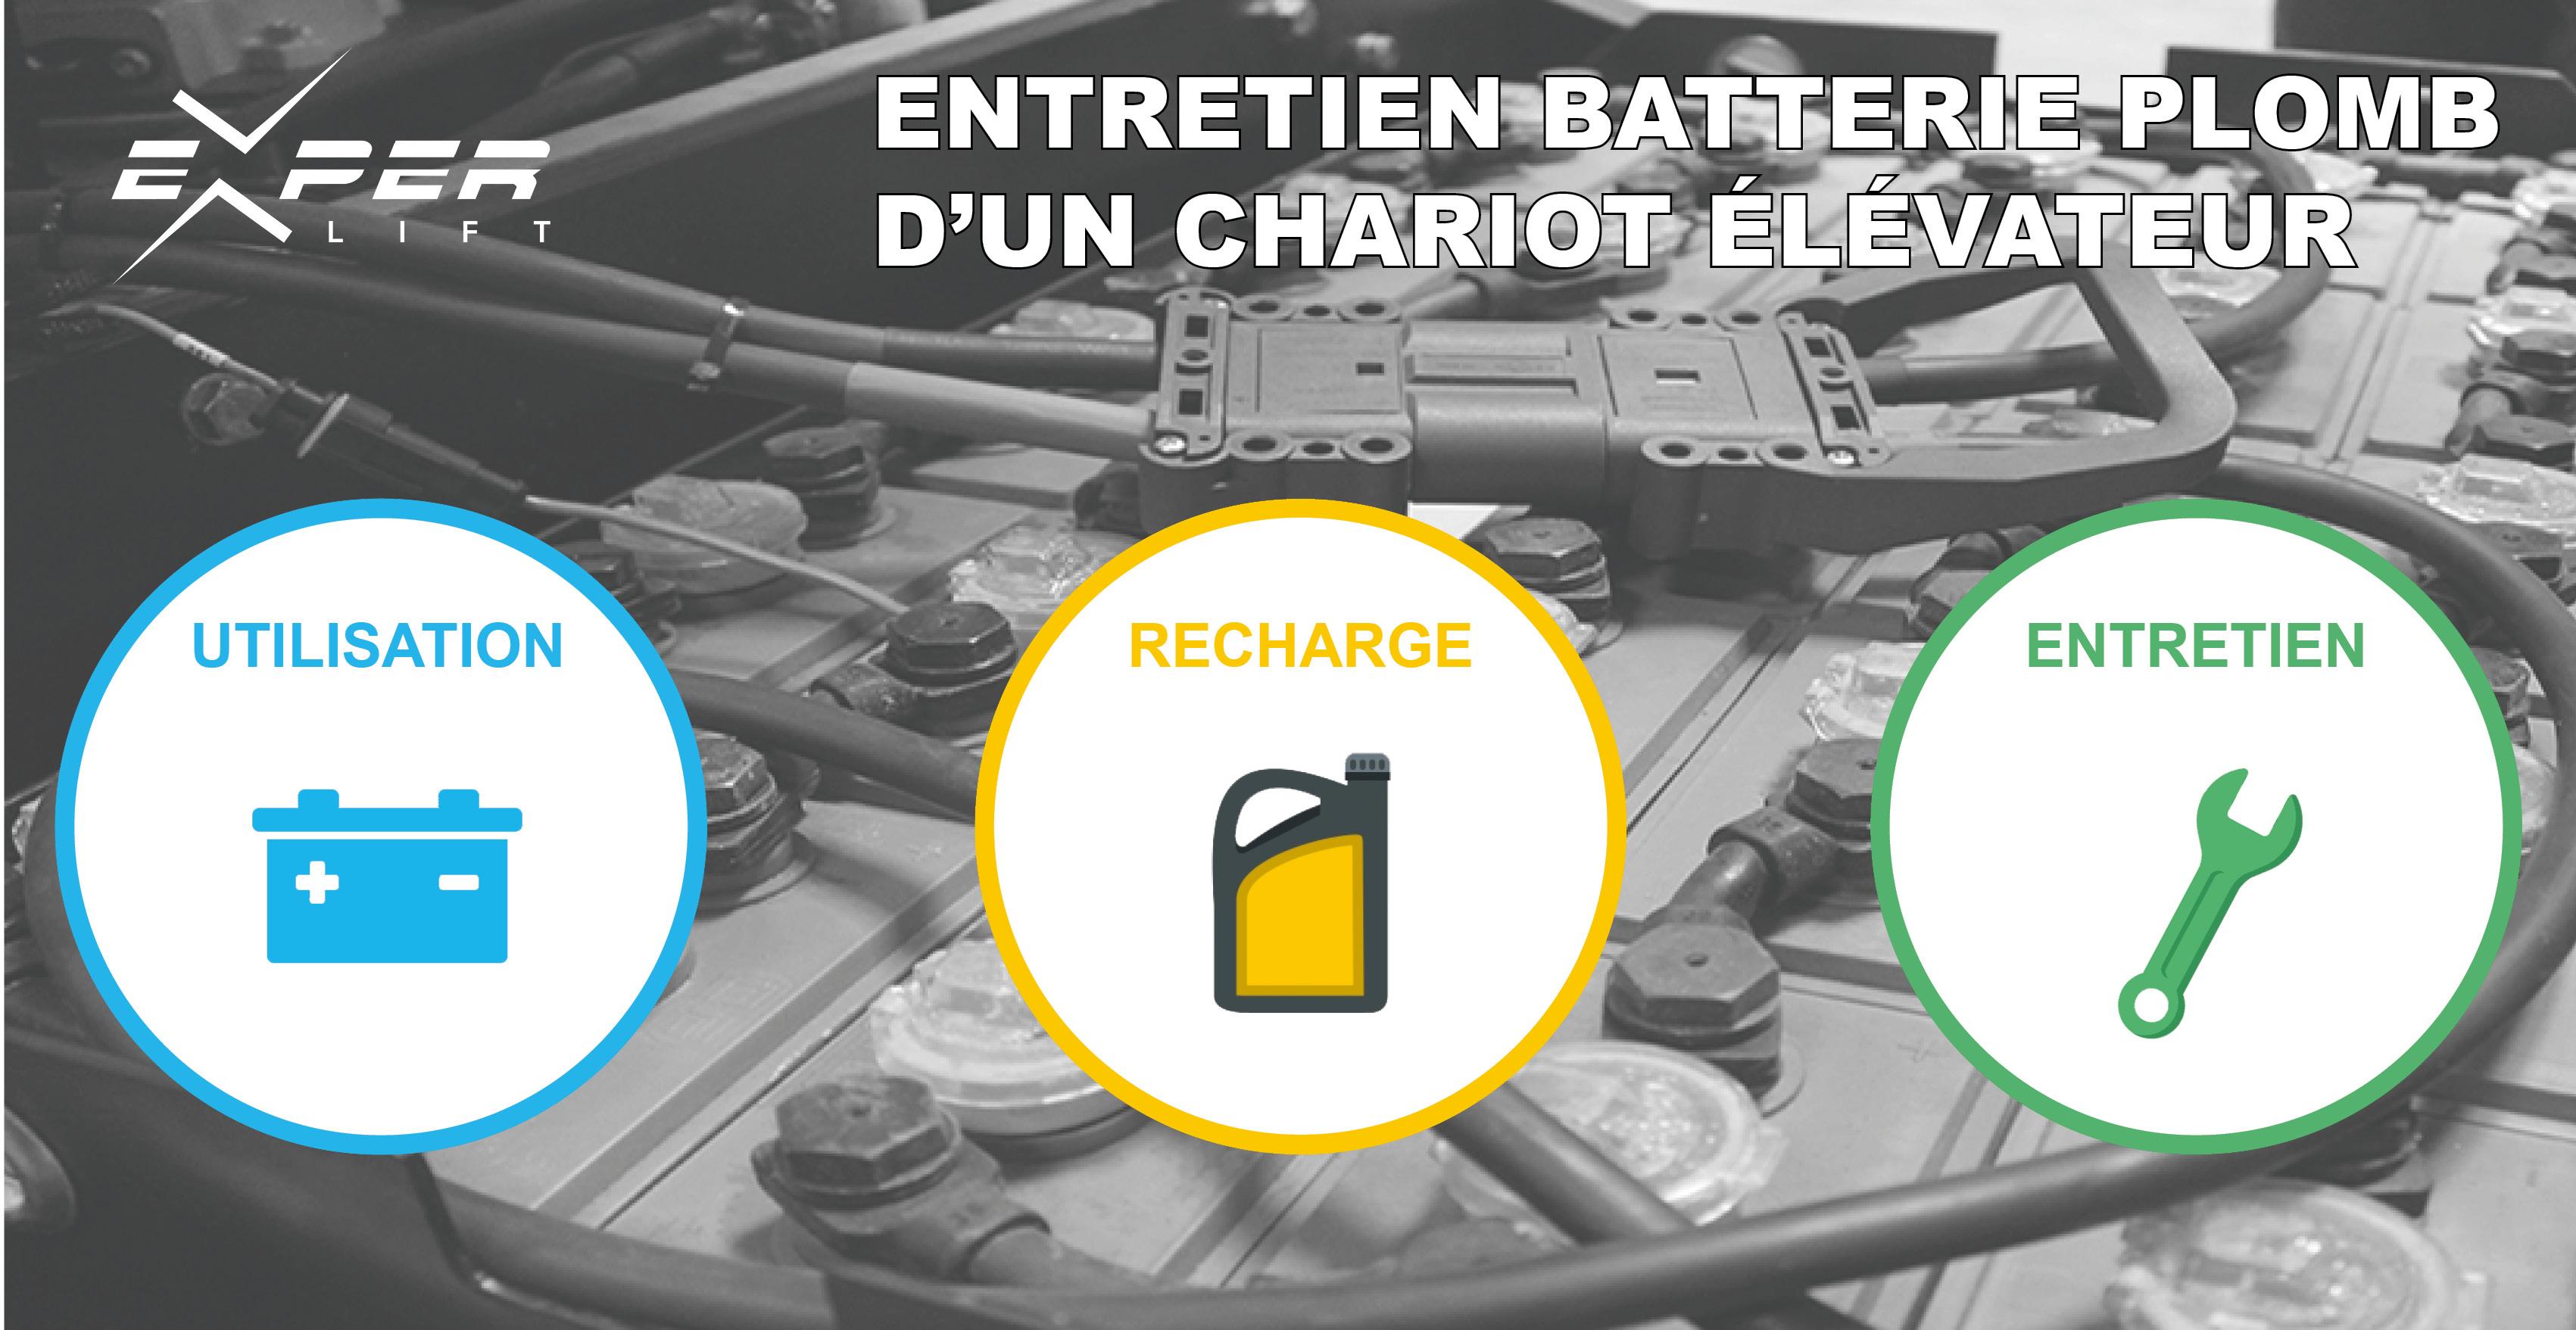 Entretien de la batterie plomb d'un chariot élévateur : les bonnes pratiques